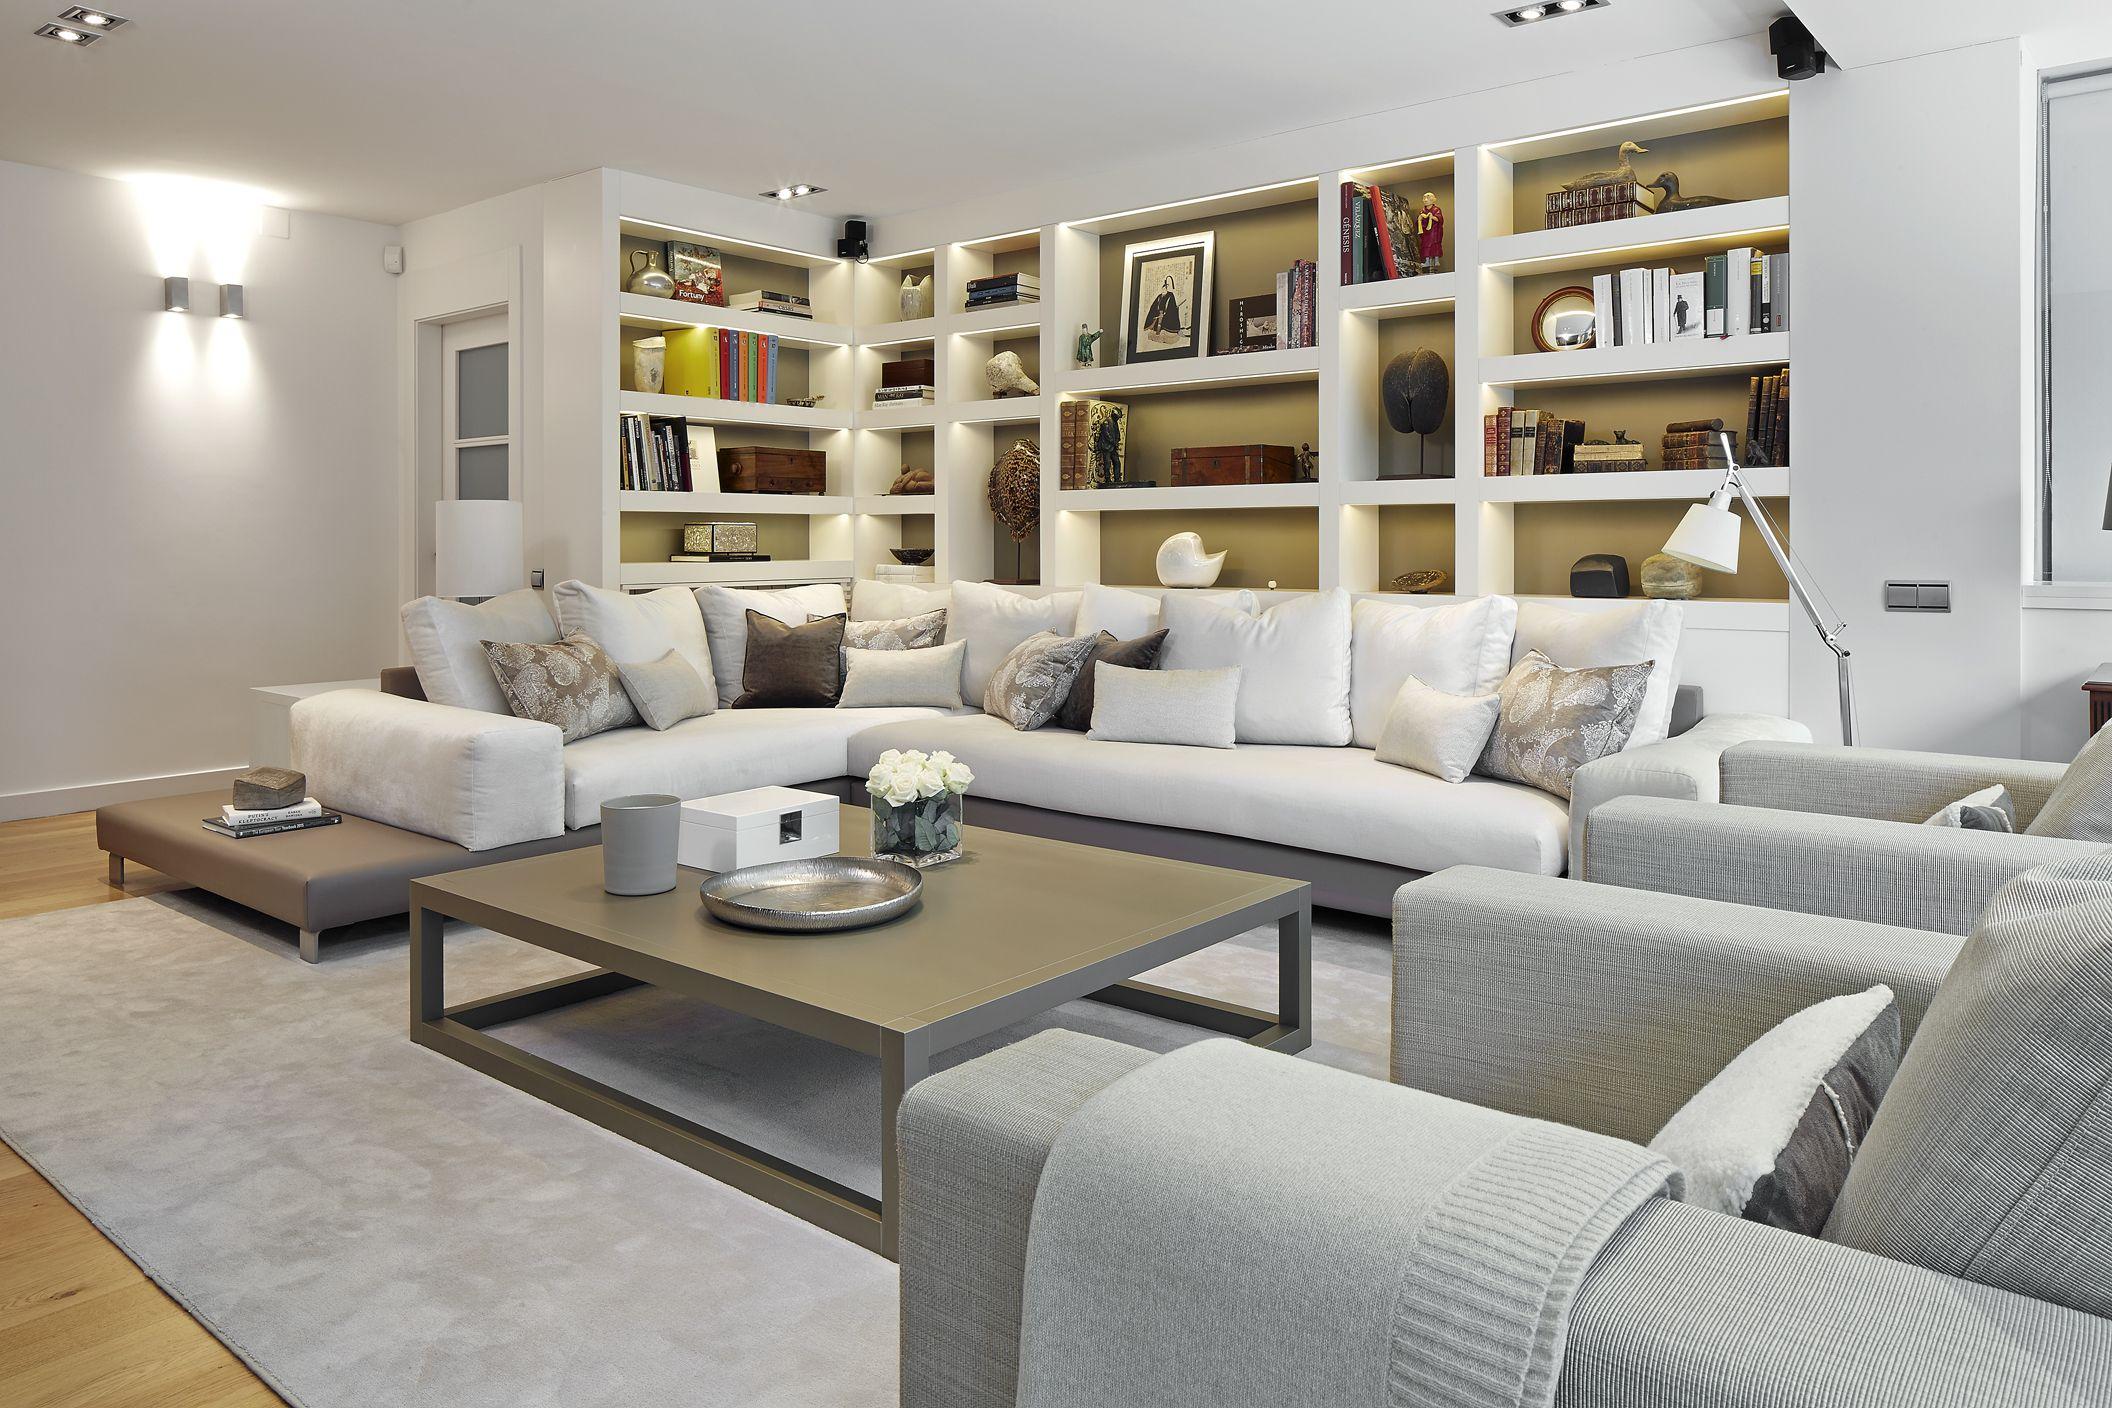 molins interiors arquitectura interior interiorismo decoracin saln sof sof - Interiorismo Salones